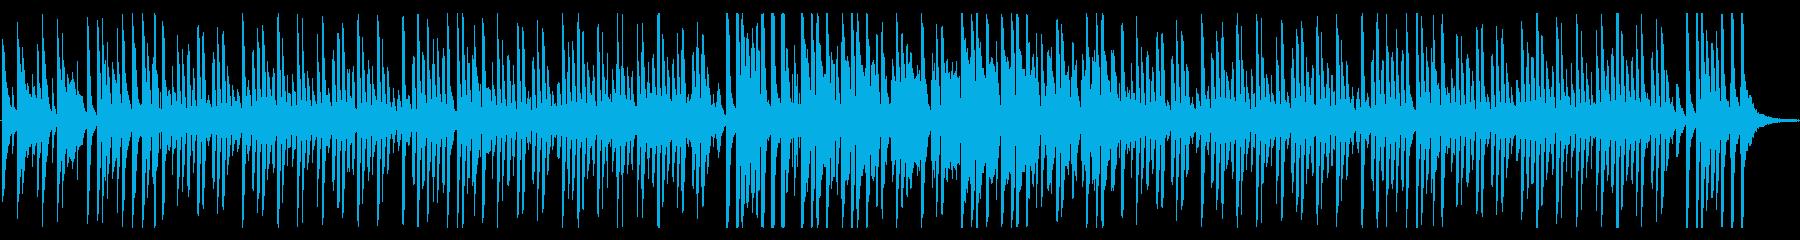 ほのぼの日常、コミカルでルンルンな曲Aの再生済みの波形